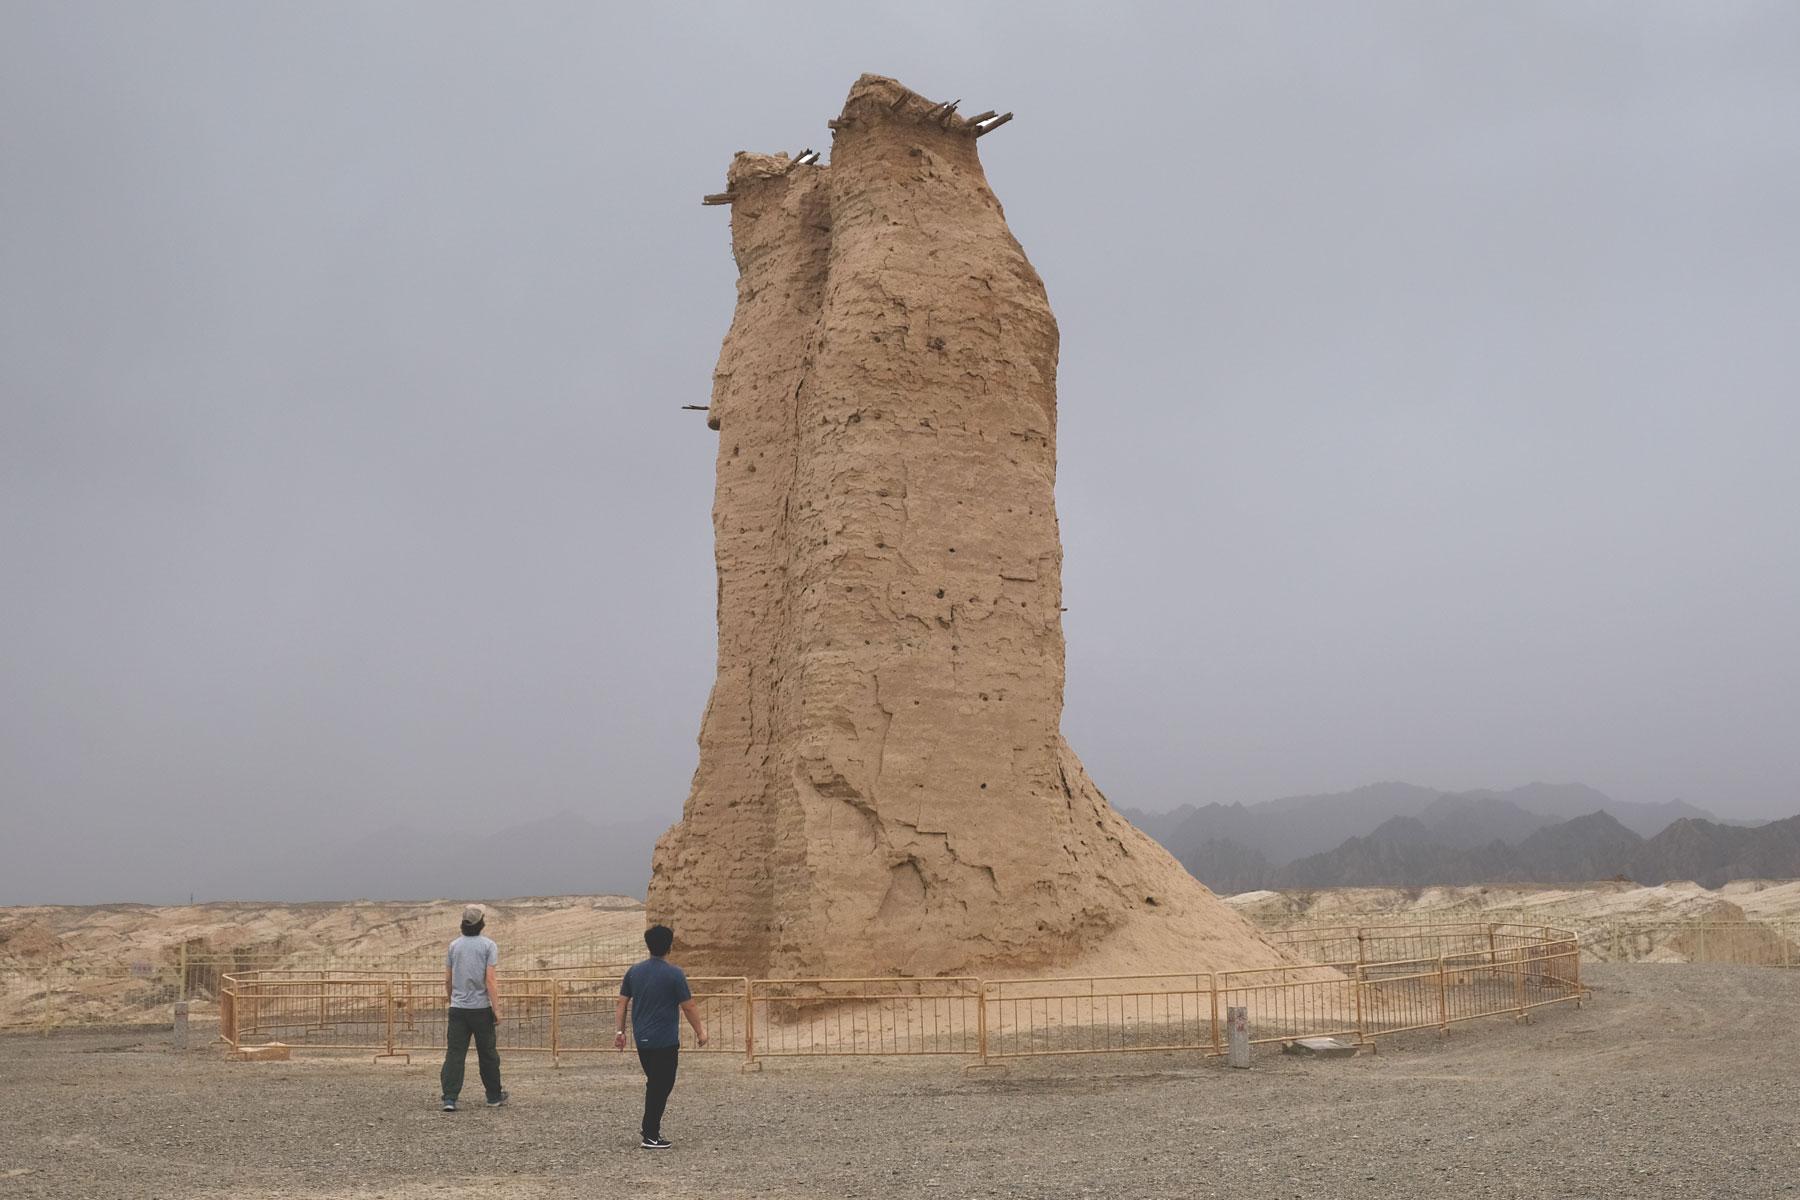 Am Signalfeuerturm von Kizilgaha legen wir unseren ersten Stopp ein. Der 15 Meter hohe Turm ist immer noch gut erhalten.